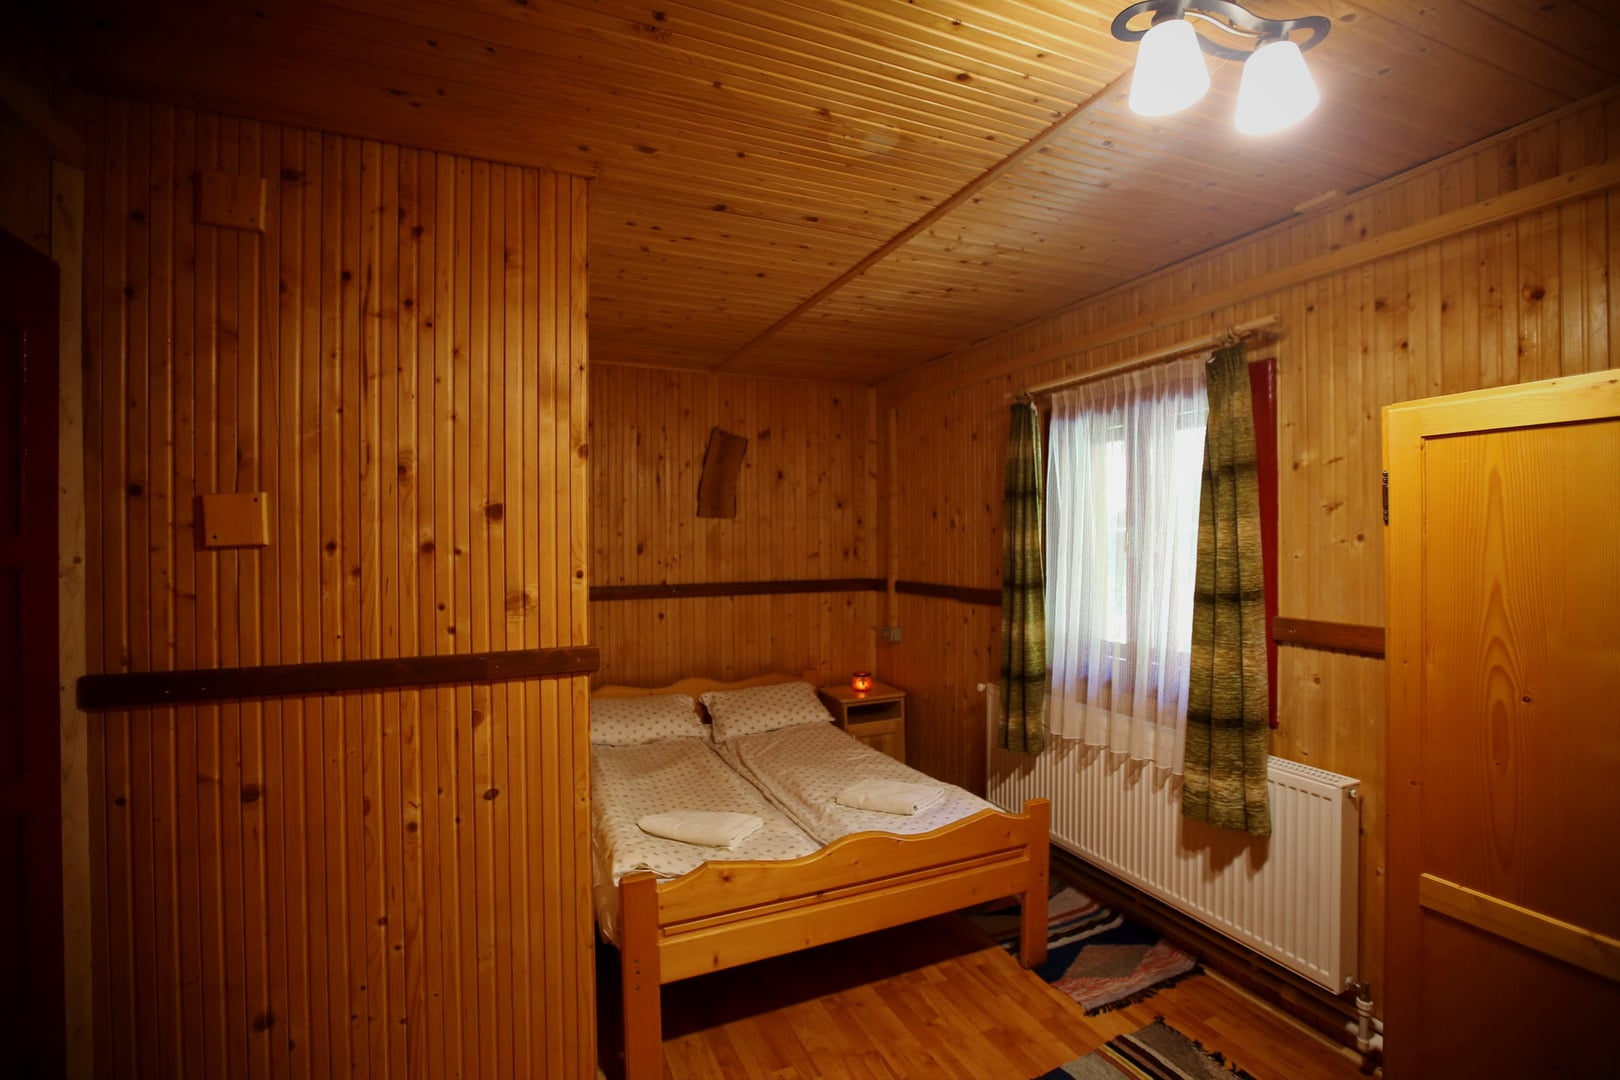 1. cameră